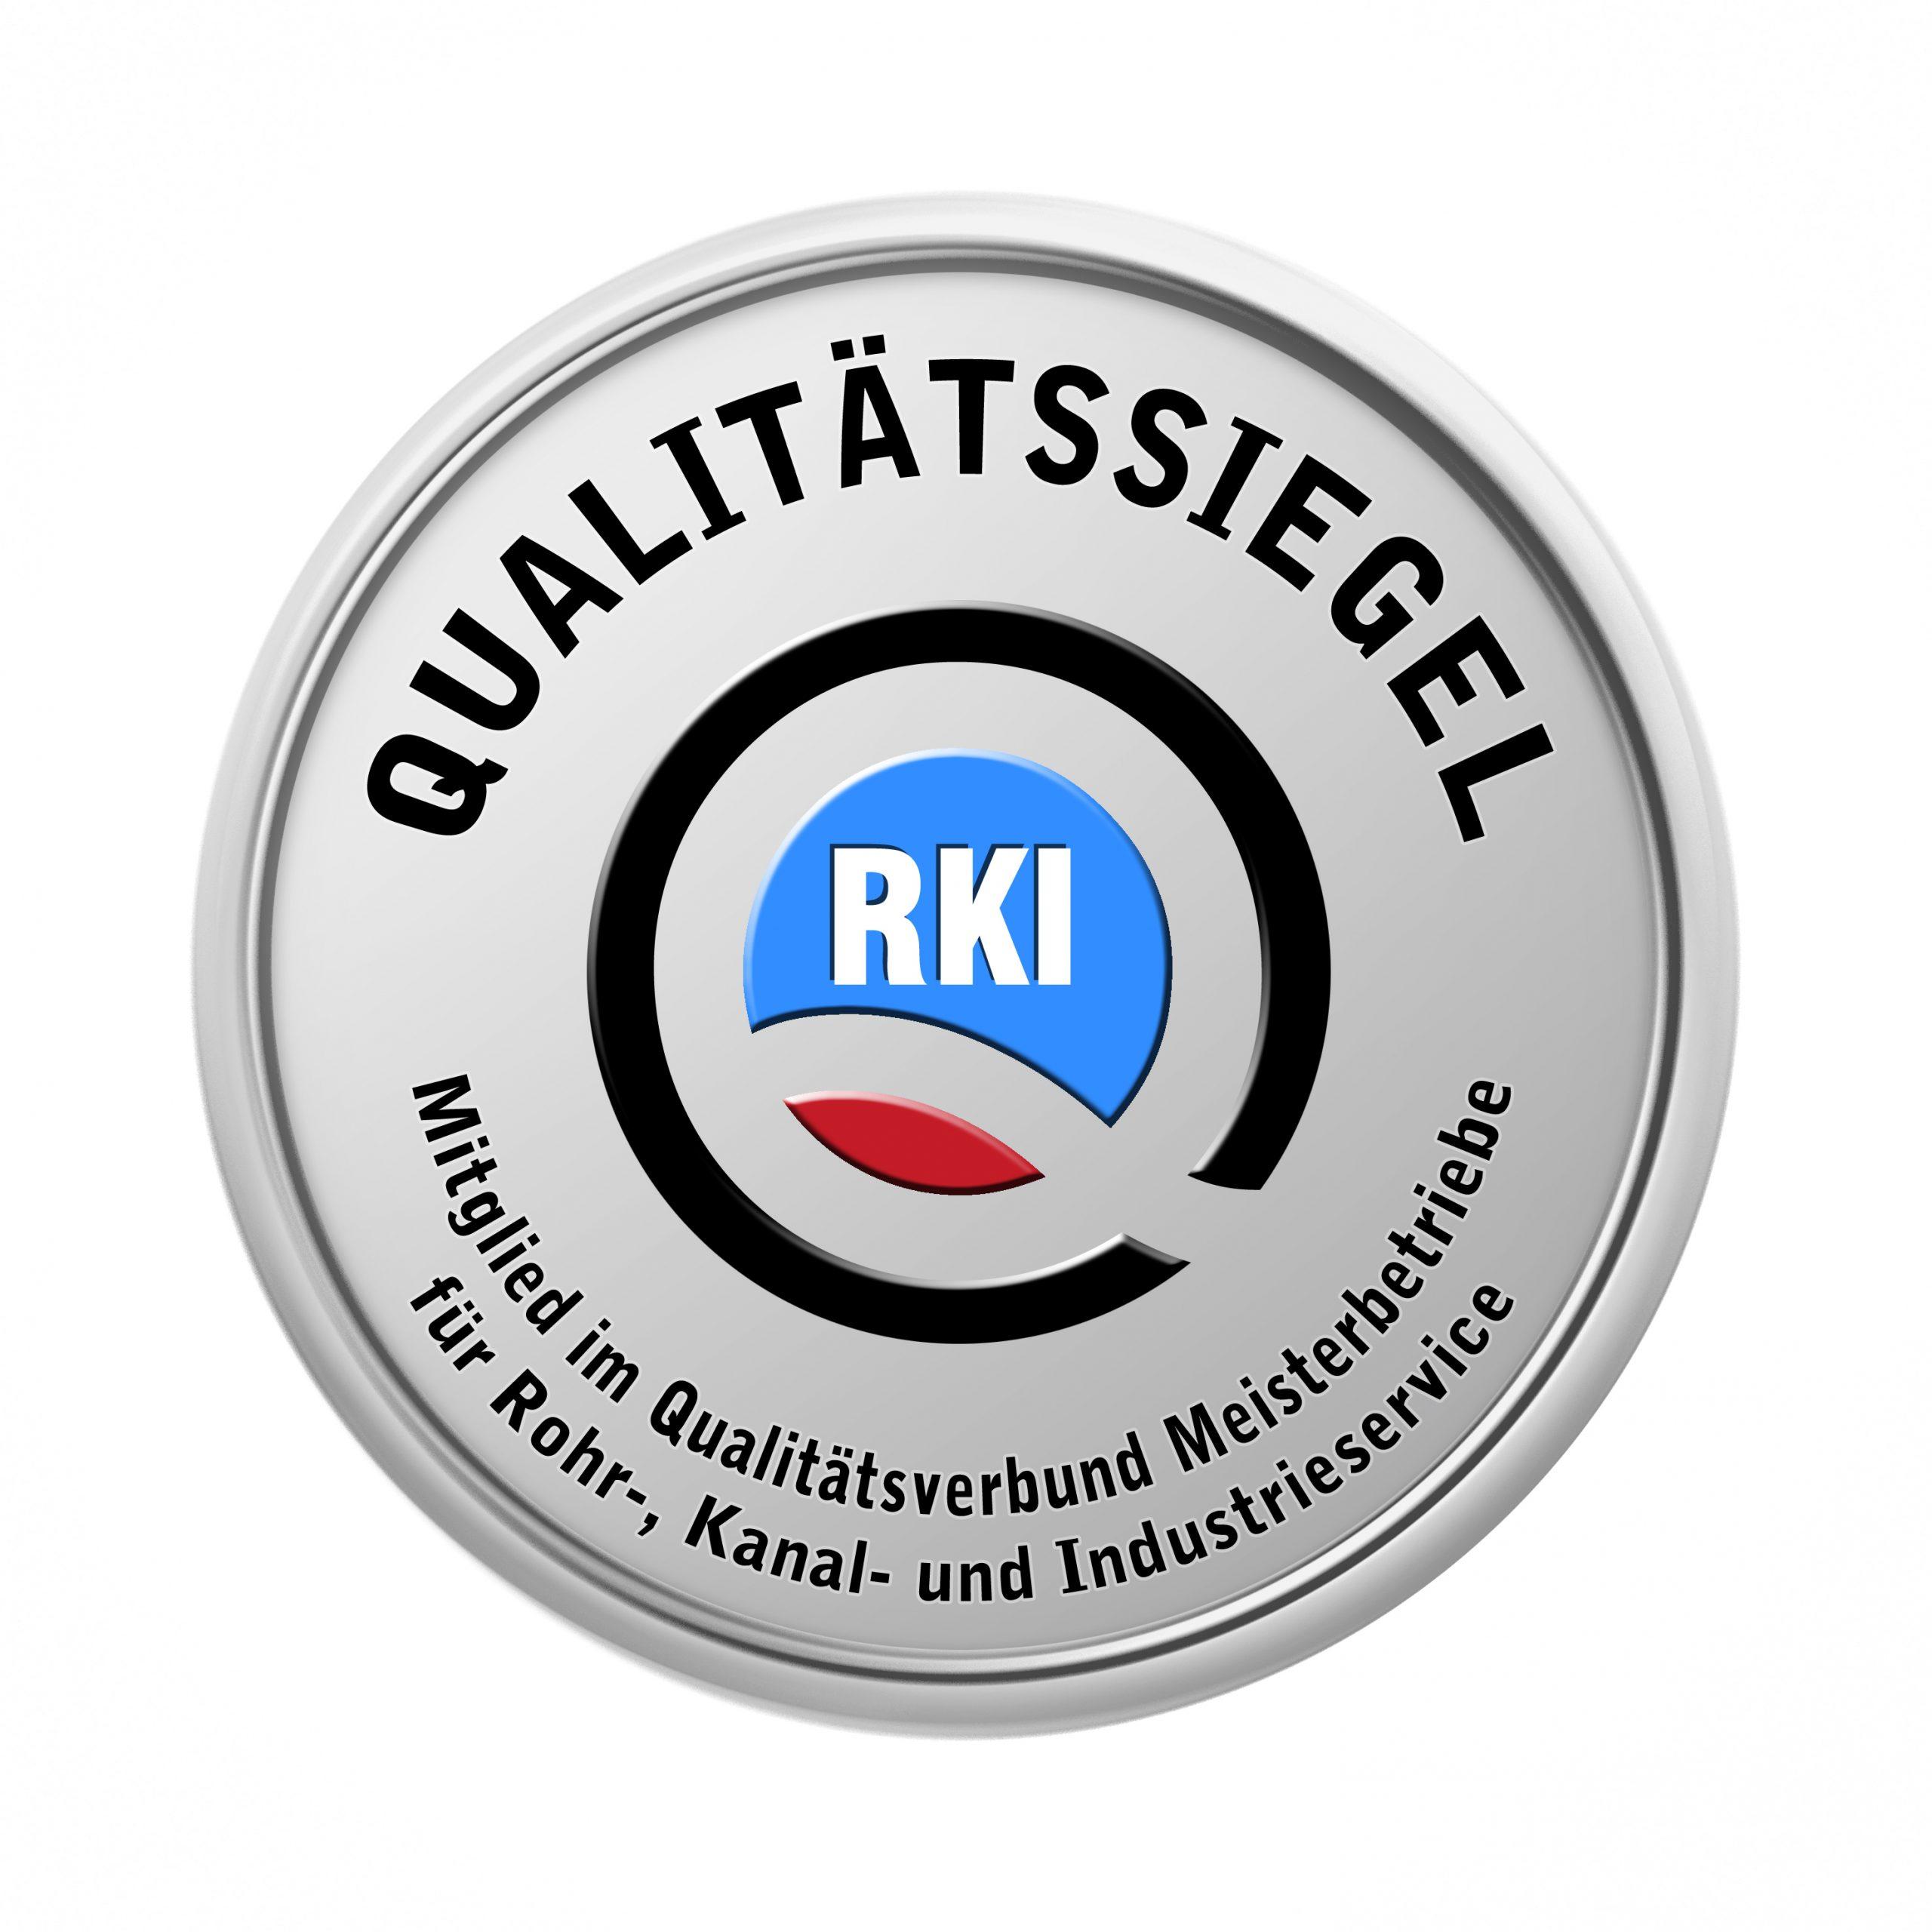 Mitglied im Qualitätsverbund Meisterbetriebe RKI